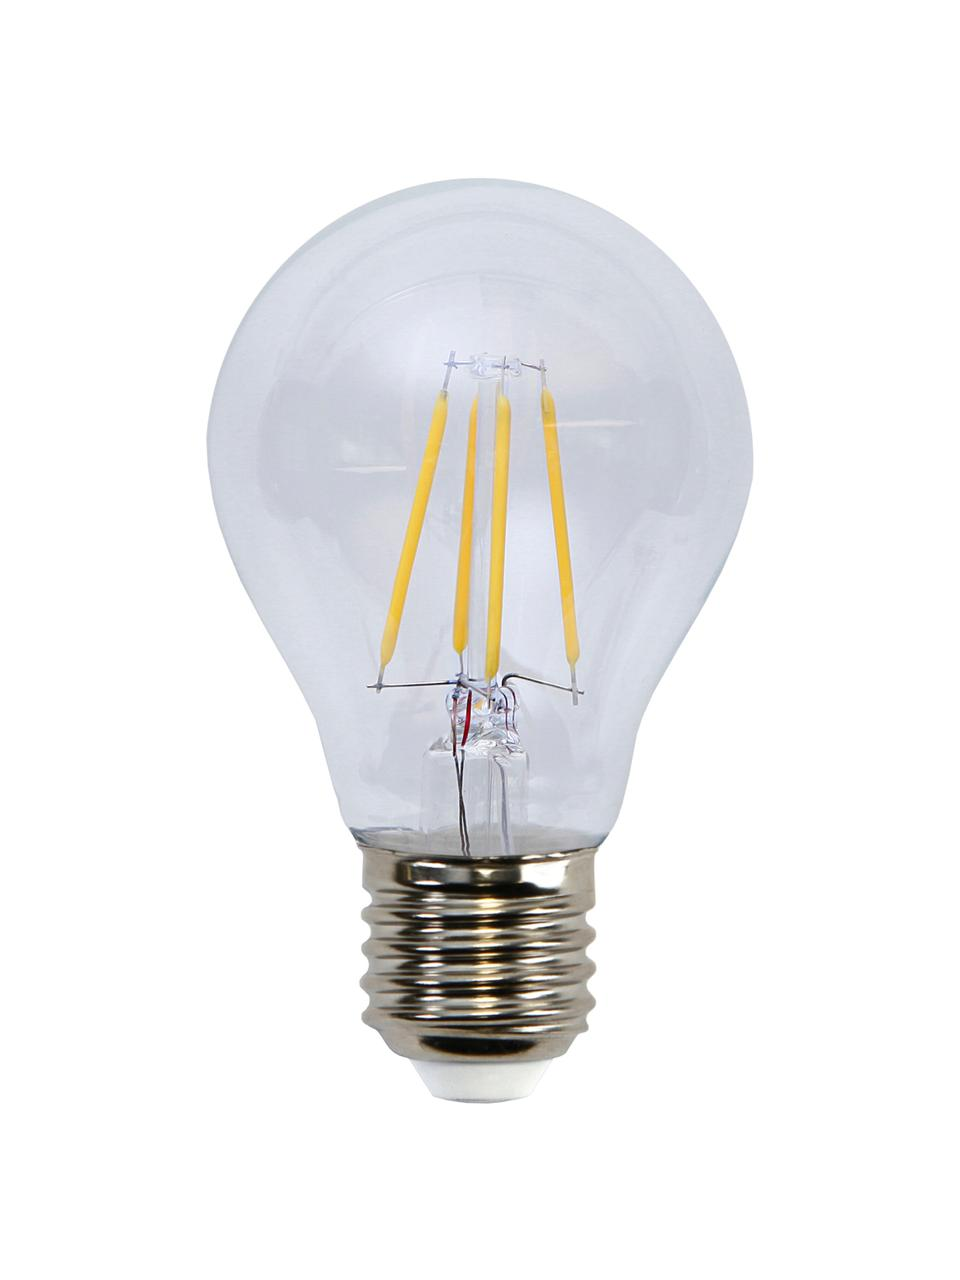 E27 Leuchtmittel, 4W, dimmbar, warmweiß, 1 Stück, Leuchtmittelschirm: Glas, Leuchtmittelfassung: Aluminium, Transparent, Ø 6 x H 11 cm